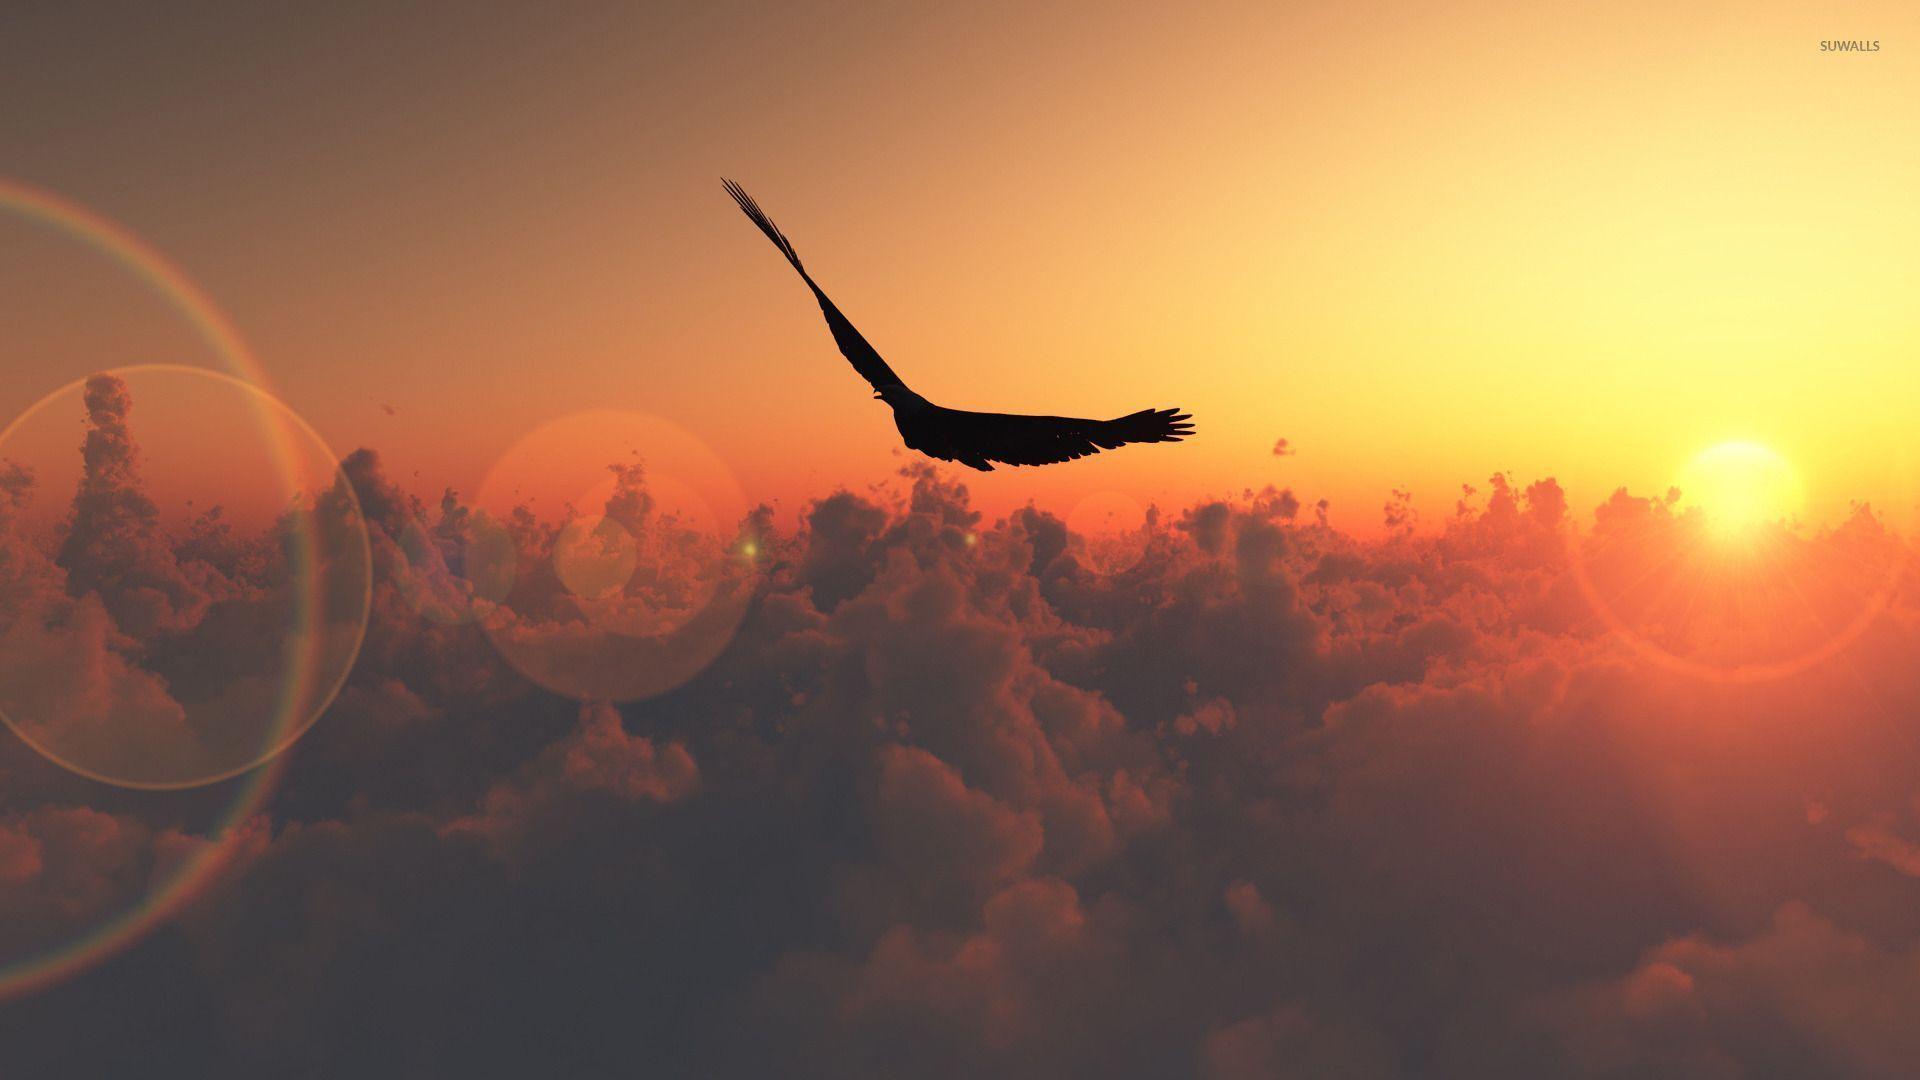 Bird flying in the sunset wallpaper - Digital Art ...